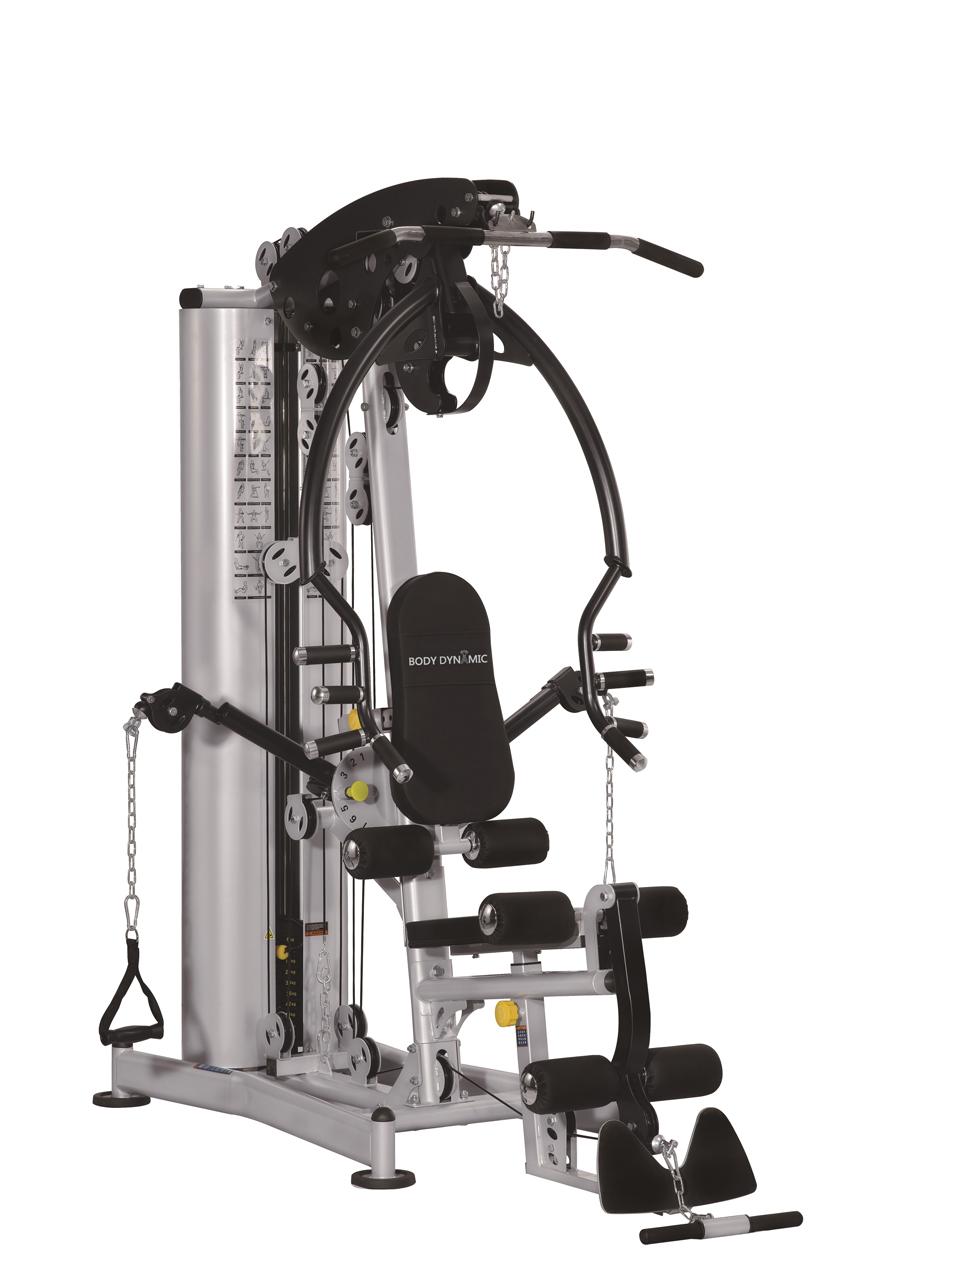 מודיעין מולטי טריינר עם פולי עליון BODY DYNAMIC TO-M301 - ספורטל GU-16